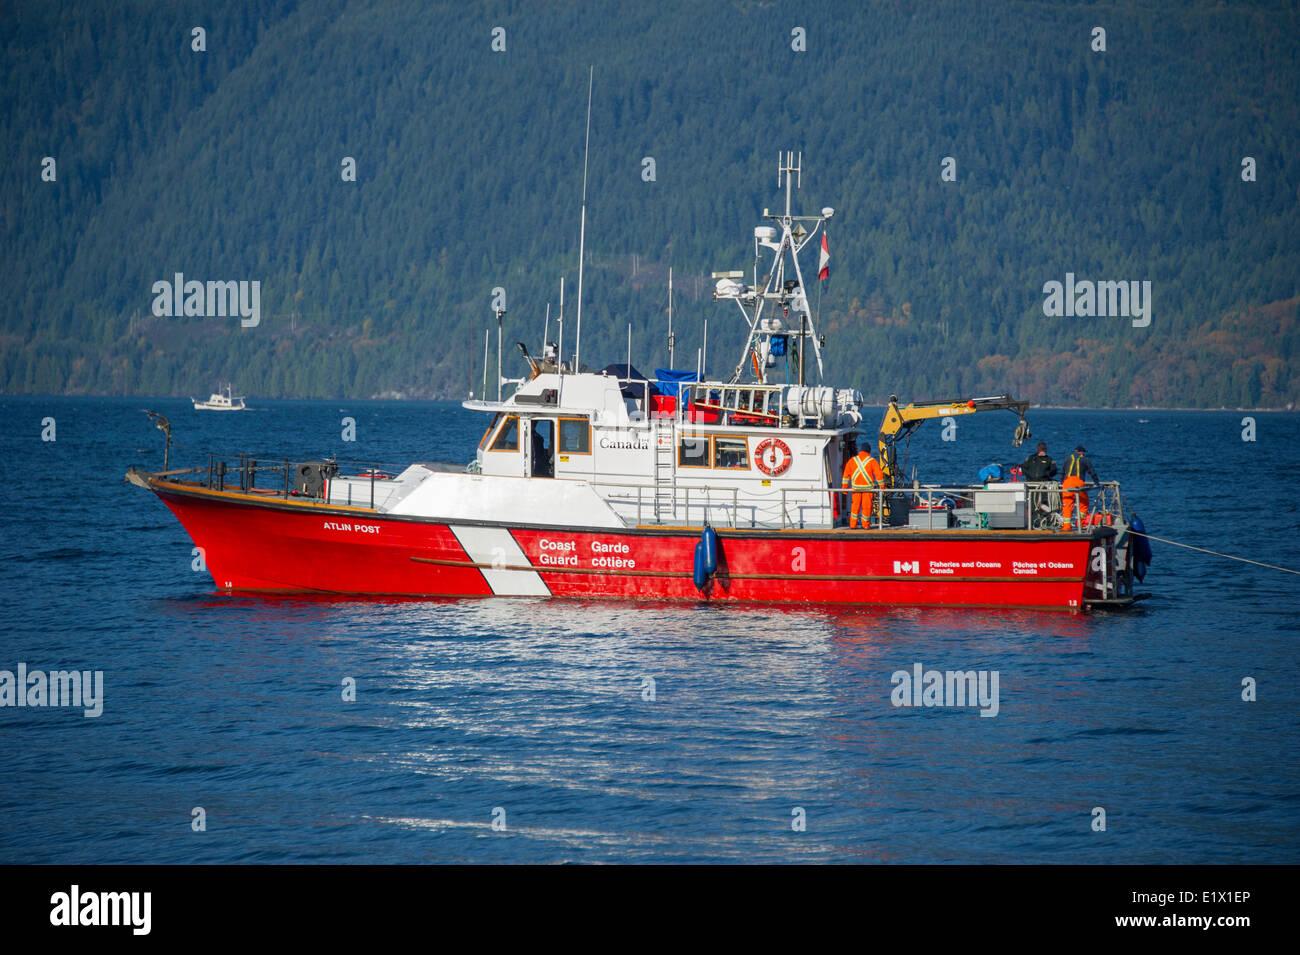 La Garde côtière canadienne bateau flottant dans la baie Howe, Colombie-Britannique, Canada Photo Stock